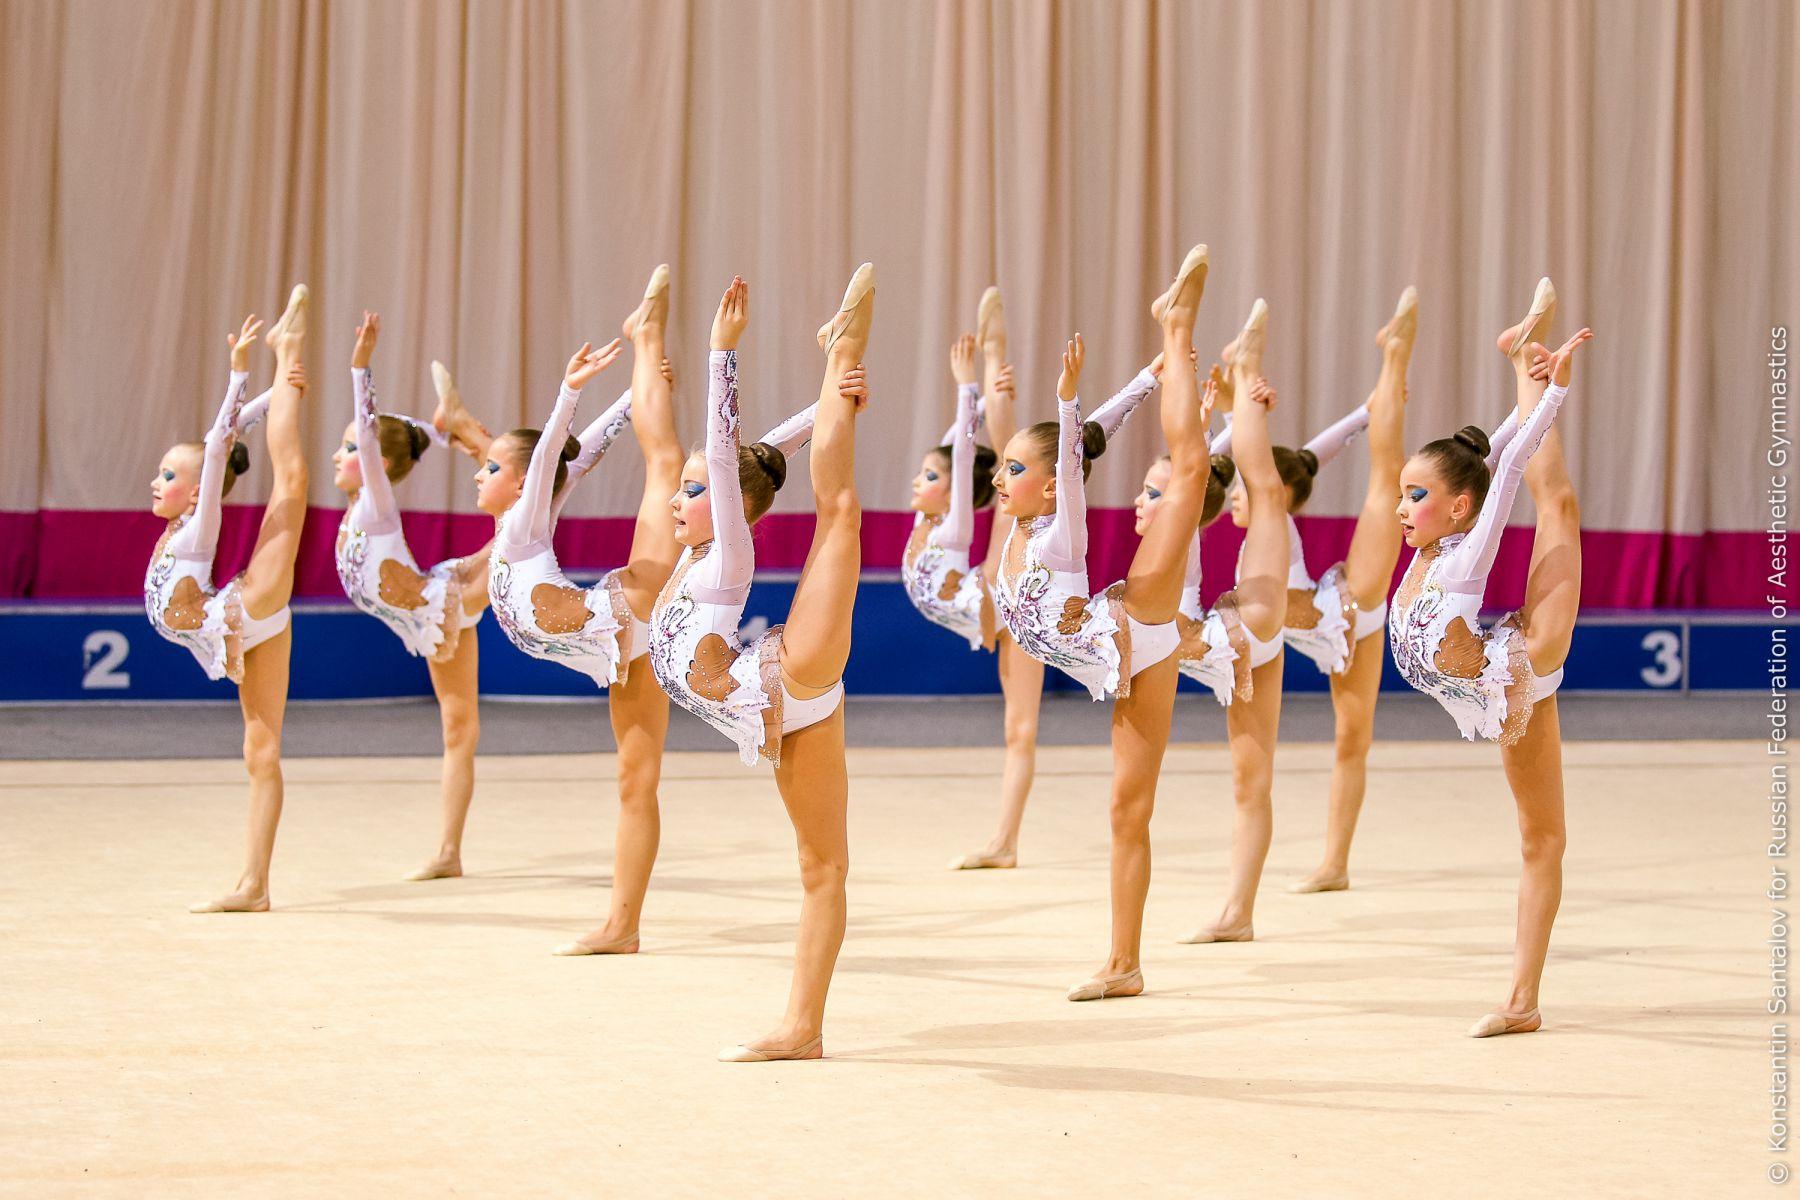 извращение русском групповая гимнастика фото бутылочка, фанты желания